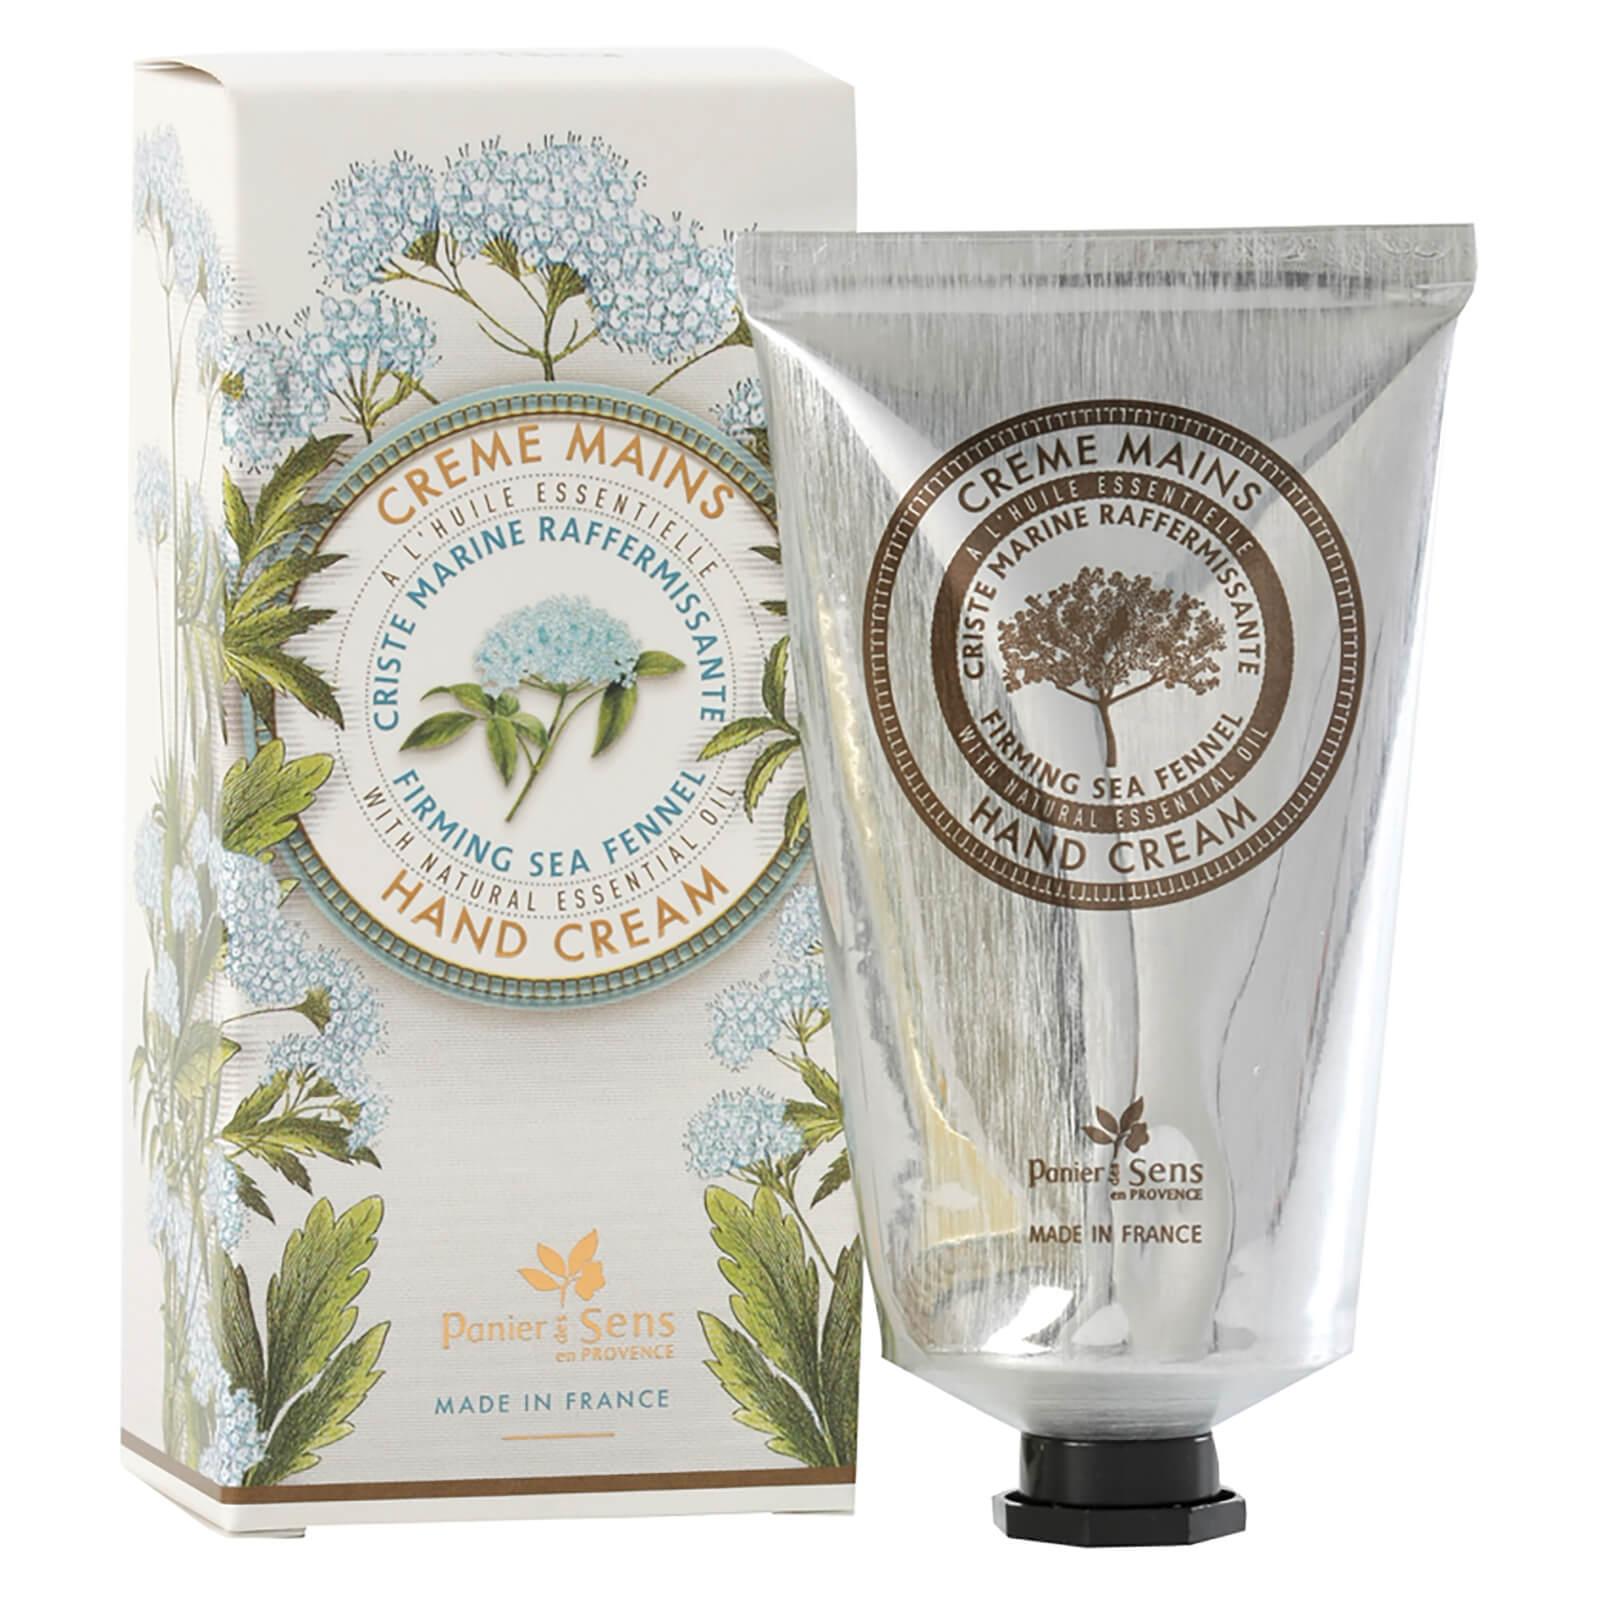 Купить Panier des Sens The Essentials Firming Sea Fennel Hand Cream